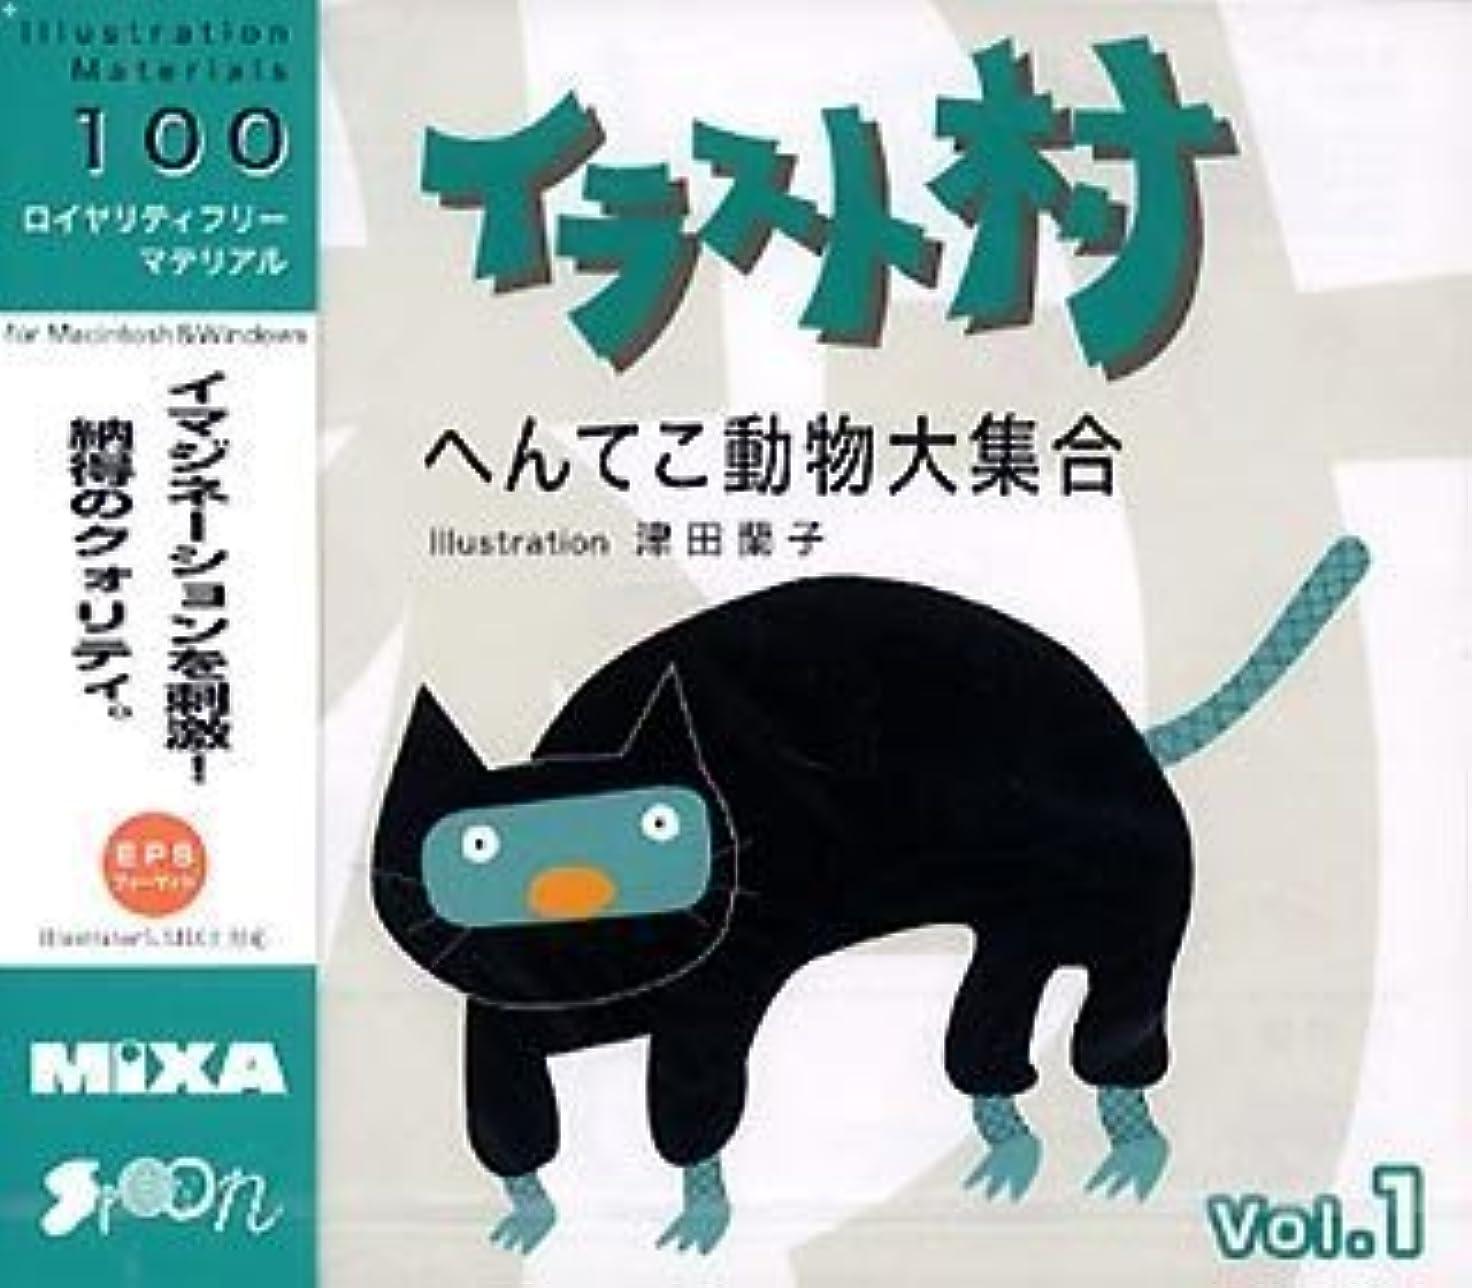 香り知的気絶させるイラスト村 Vol.1 へんてこ動物大集合